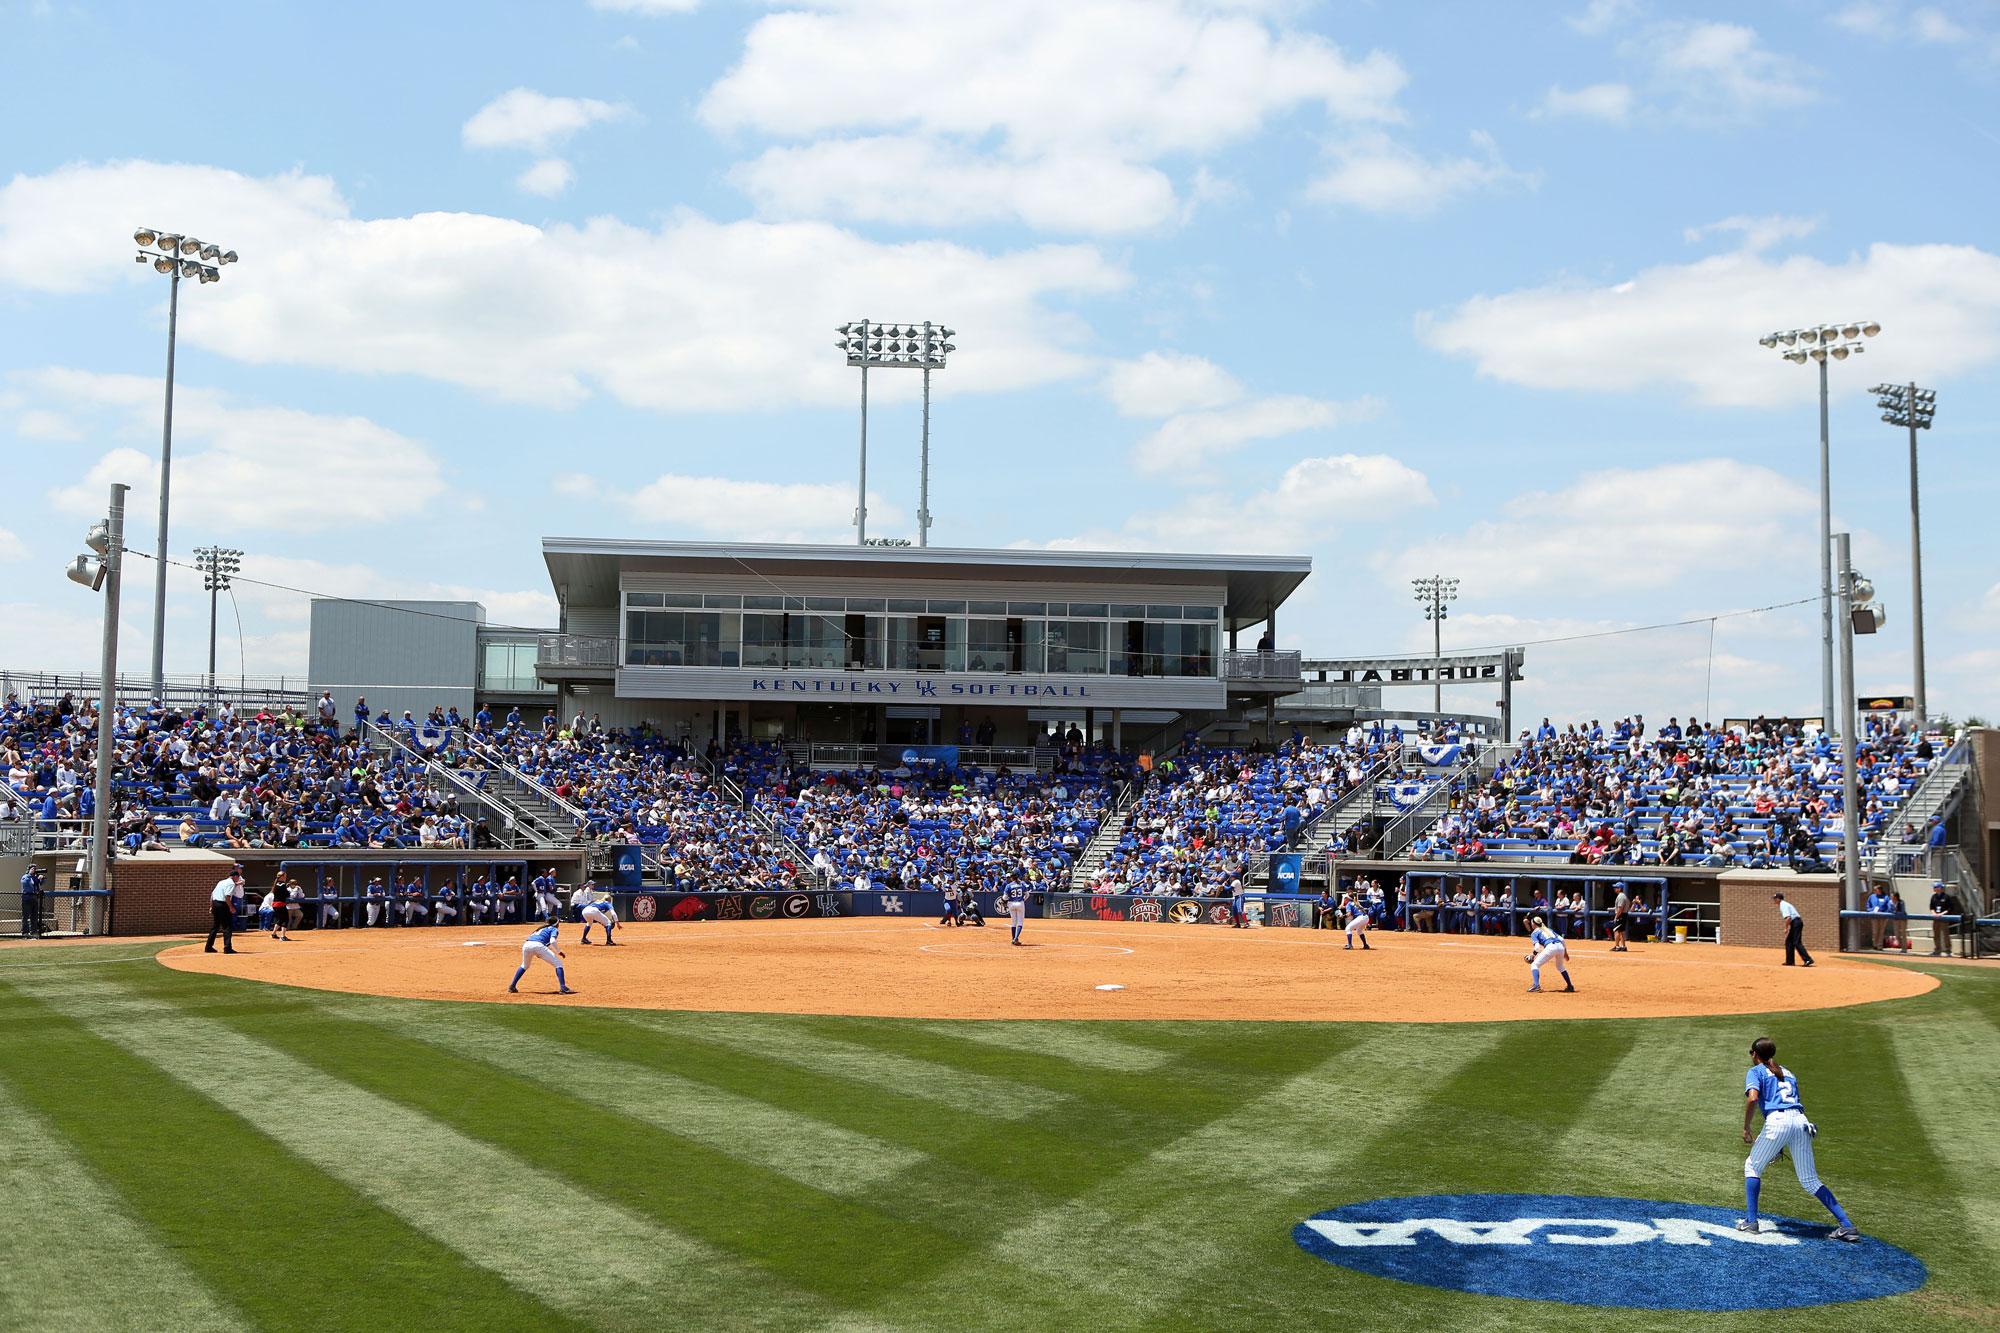 Kentucky Wildcats Softball - A Sea Of Blue